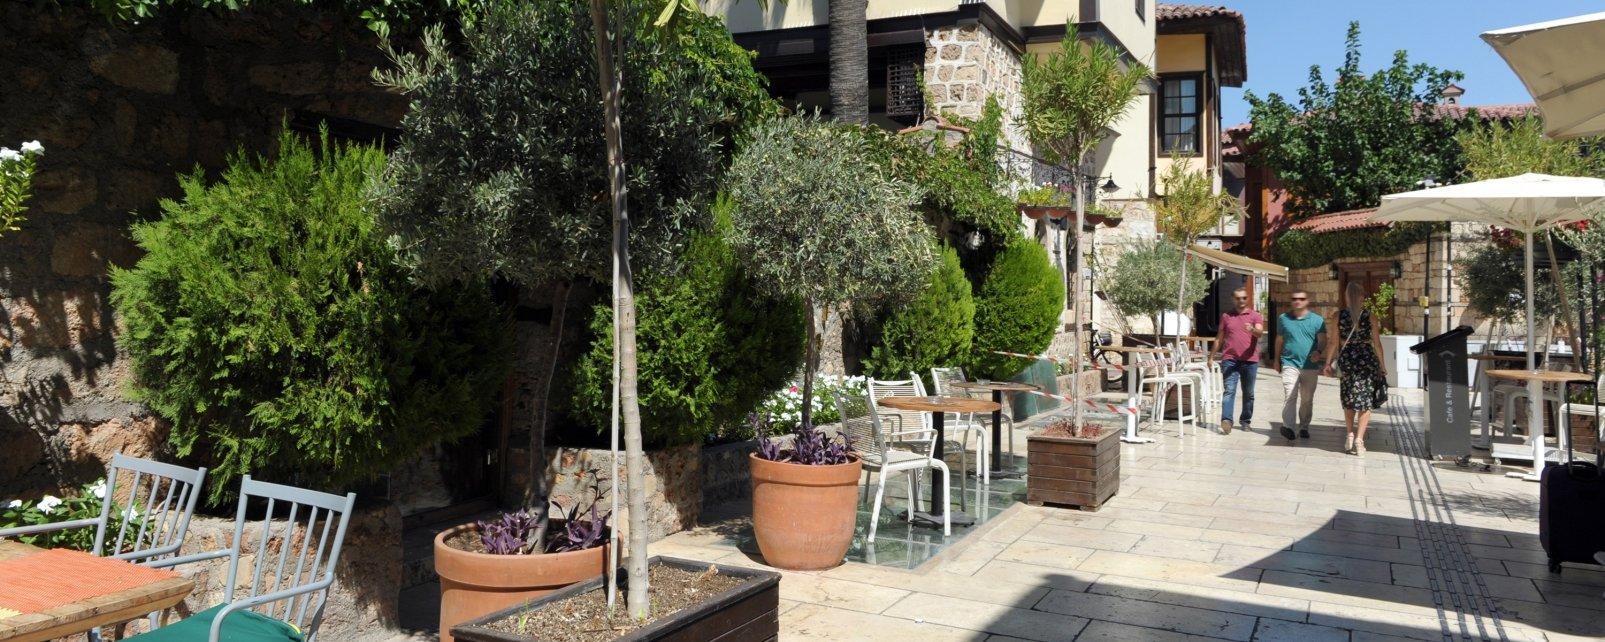 Hotel Alp Pasa